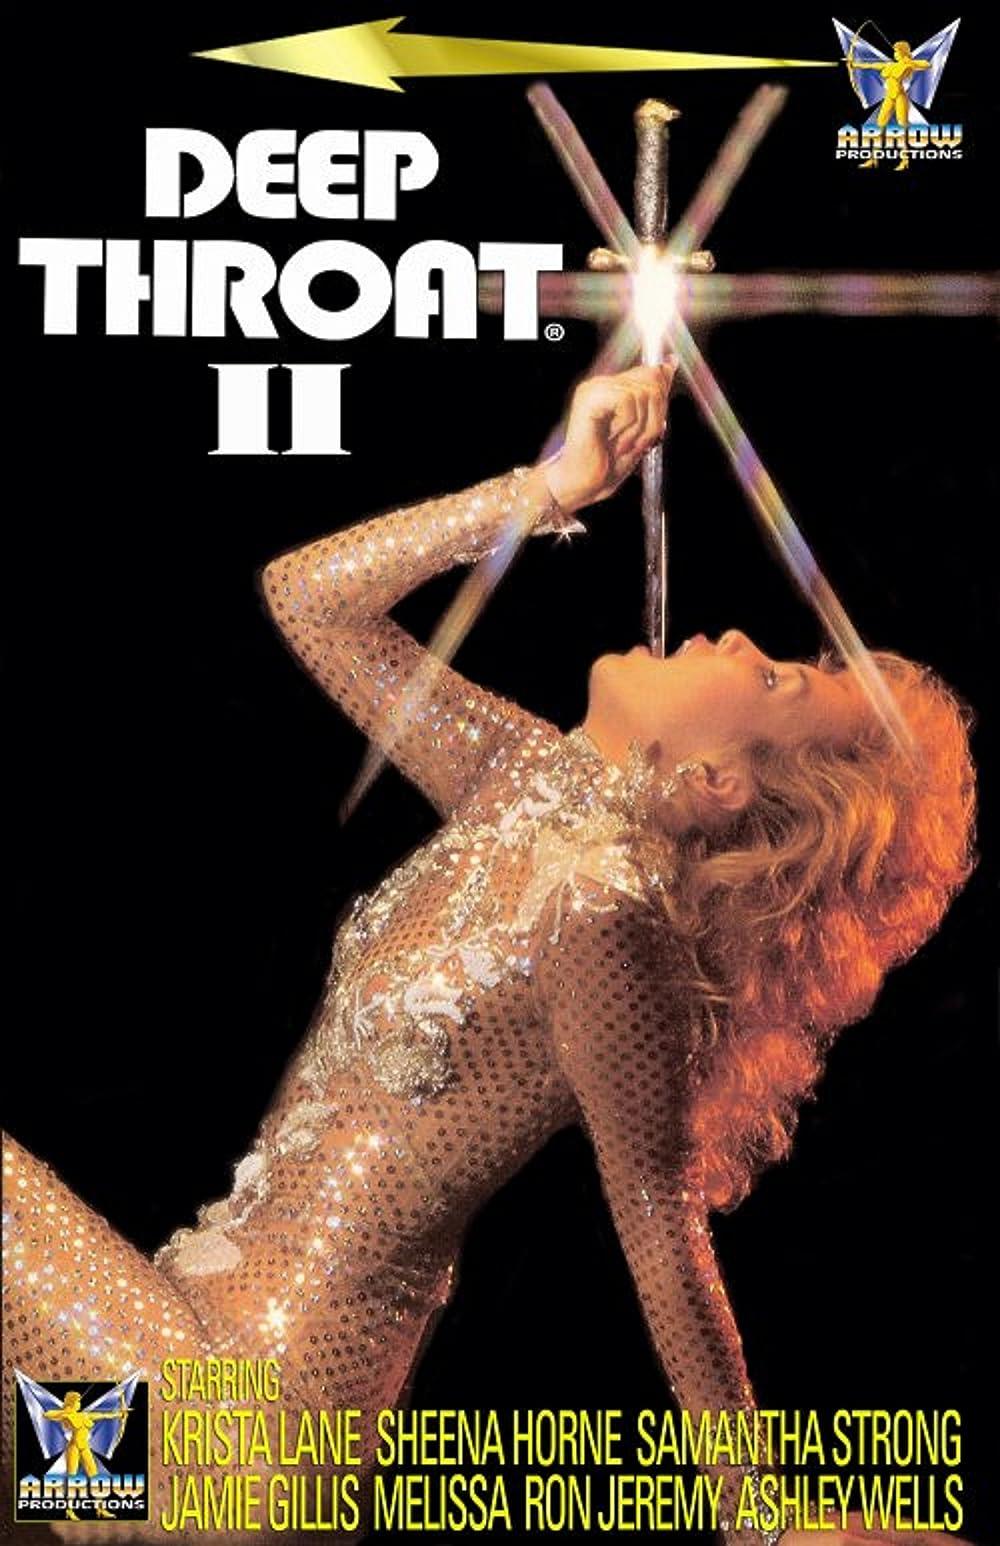 Deep Throat Part II (1974) - IMDb